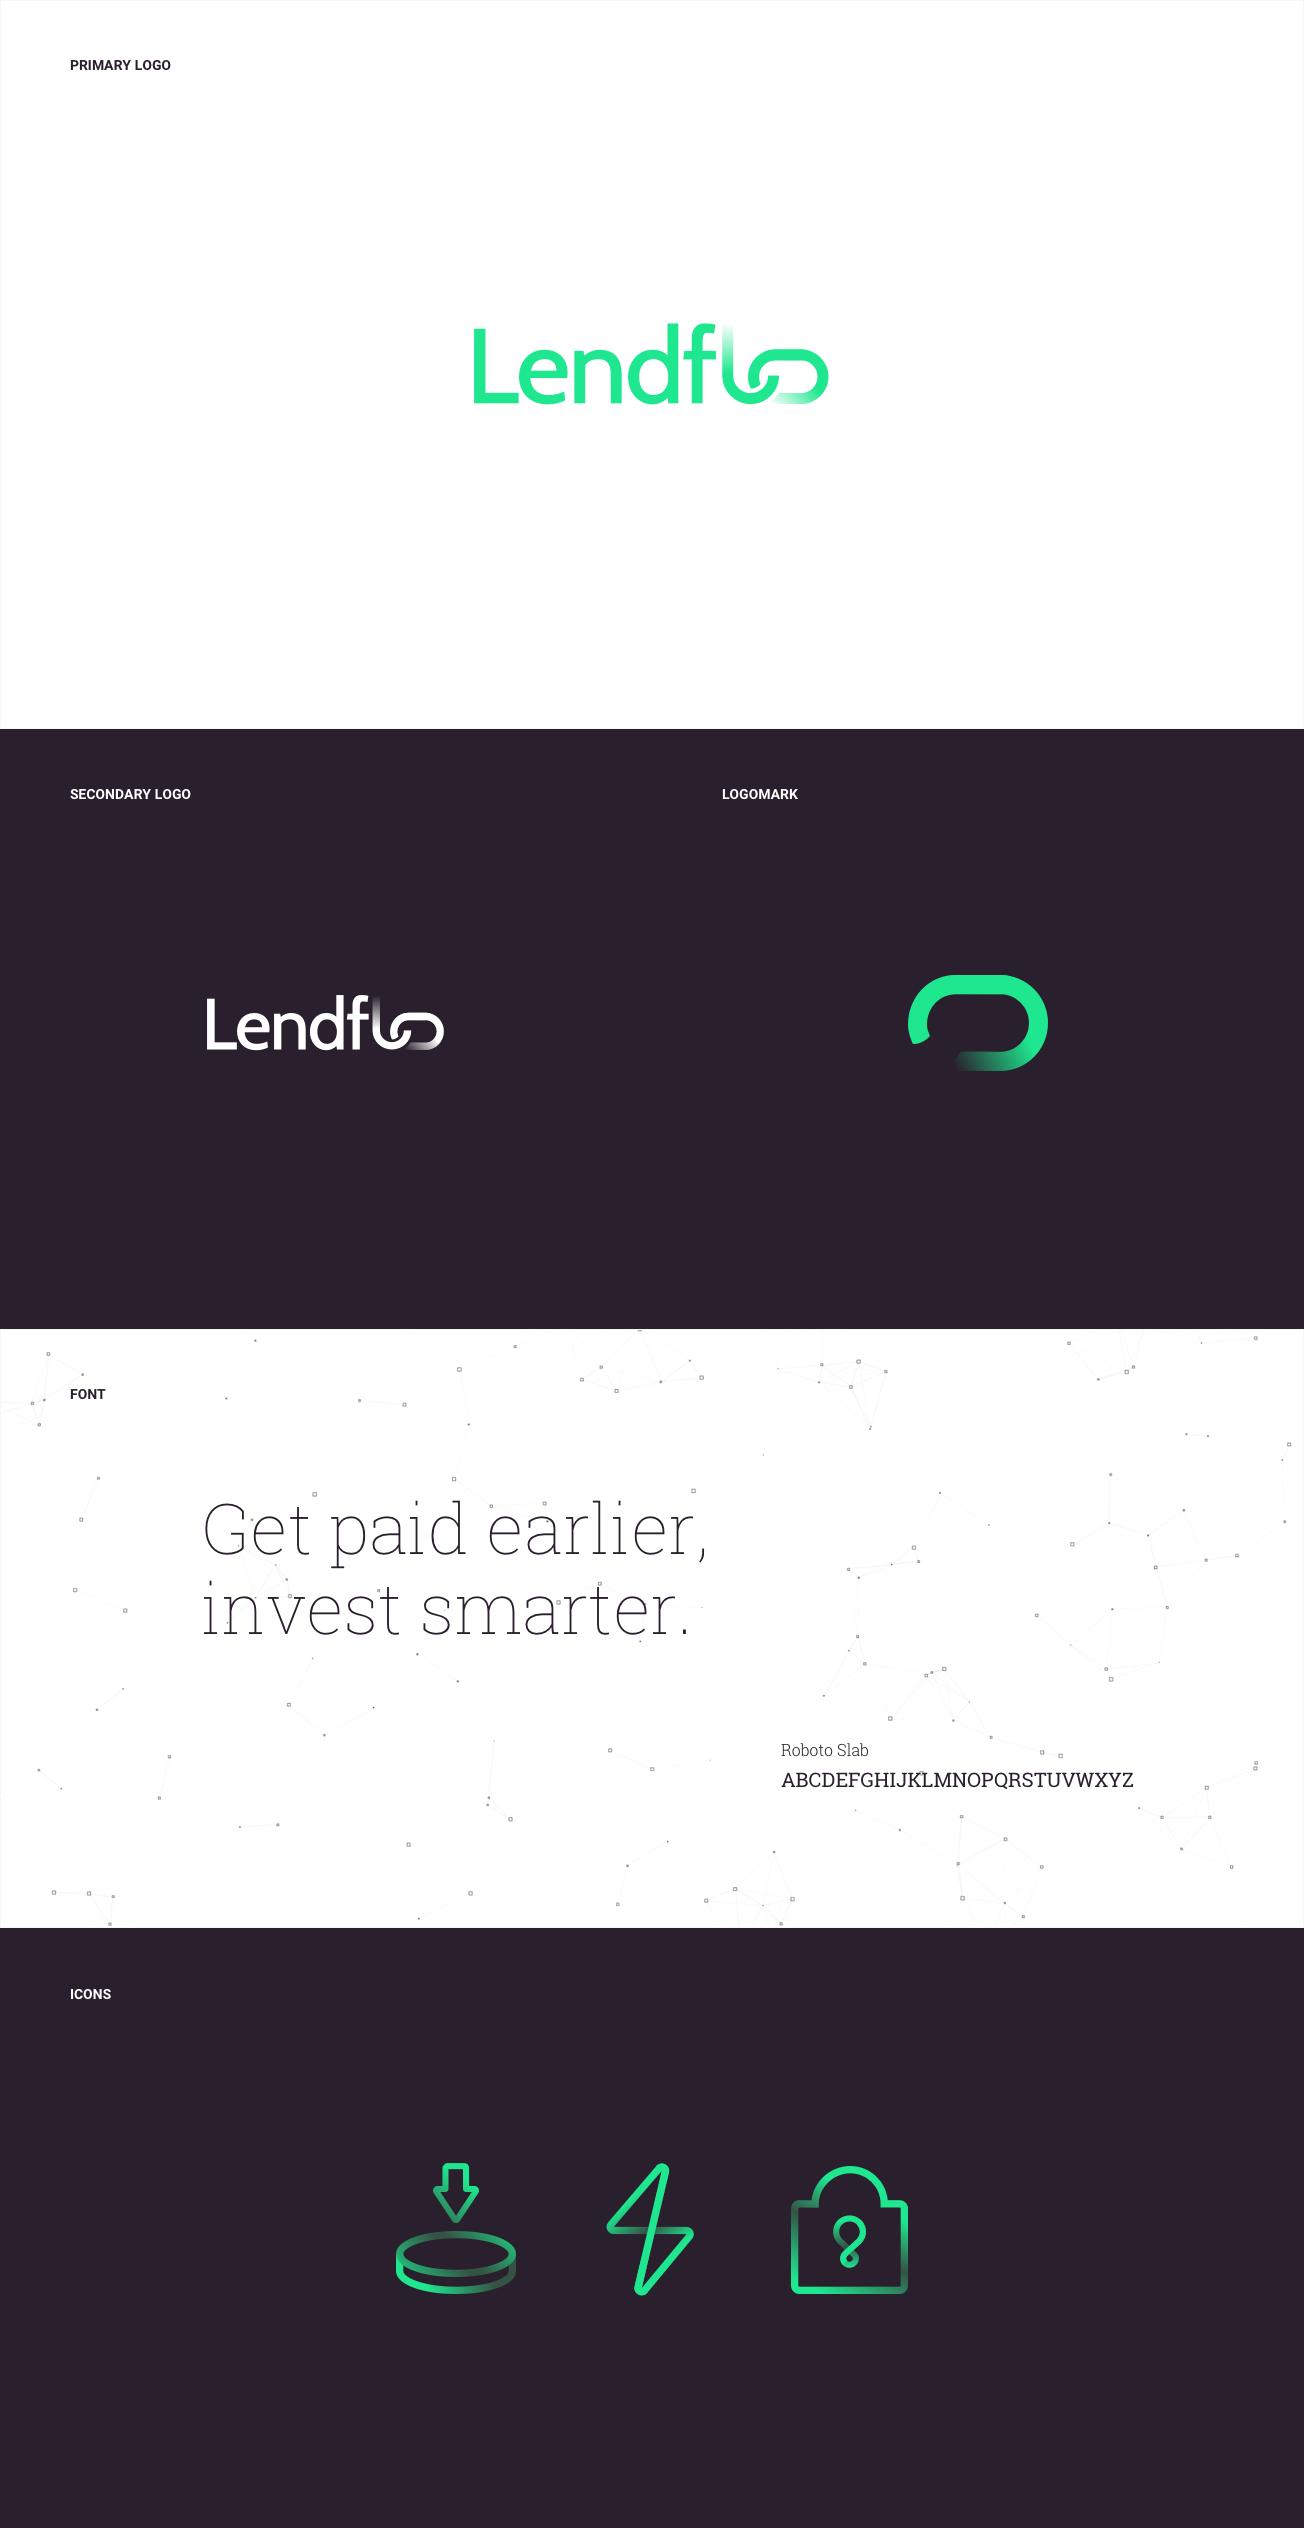 Lendflo*01